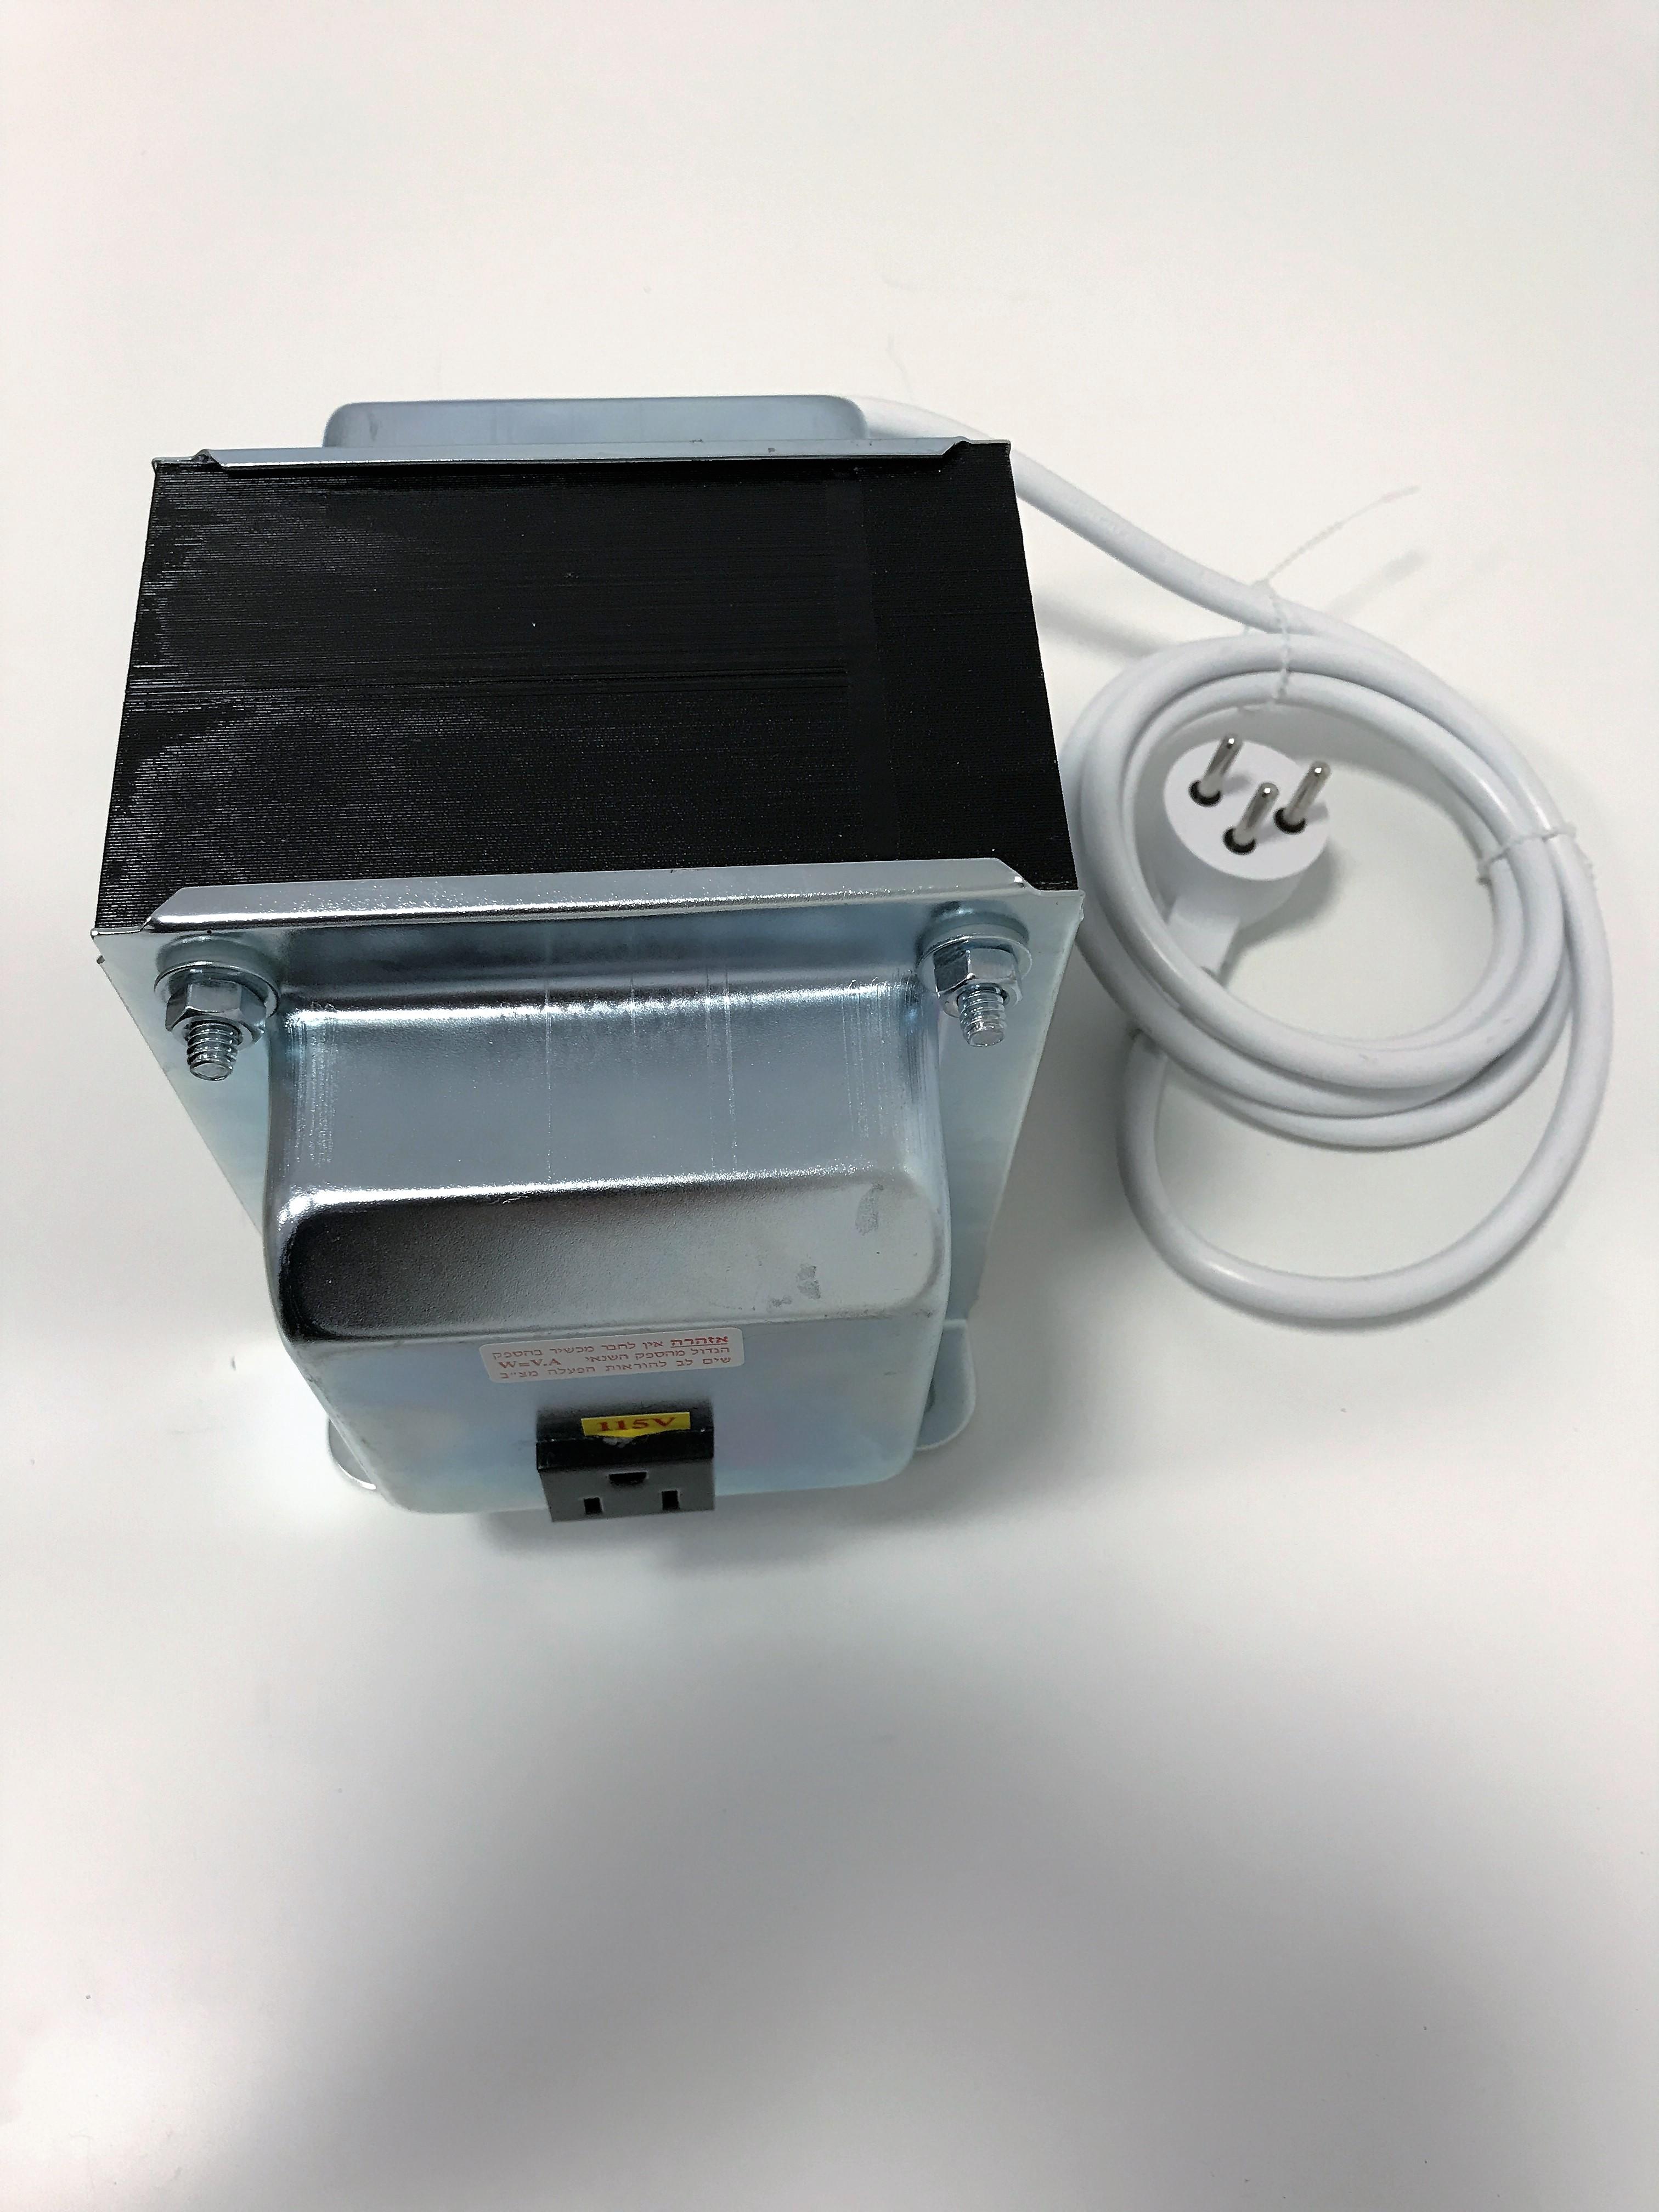 שנאי אוטוטרפו בהספק 2000VA (למכשיר אמריקאי 115V)